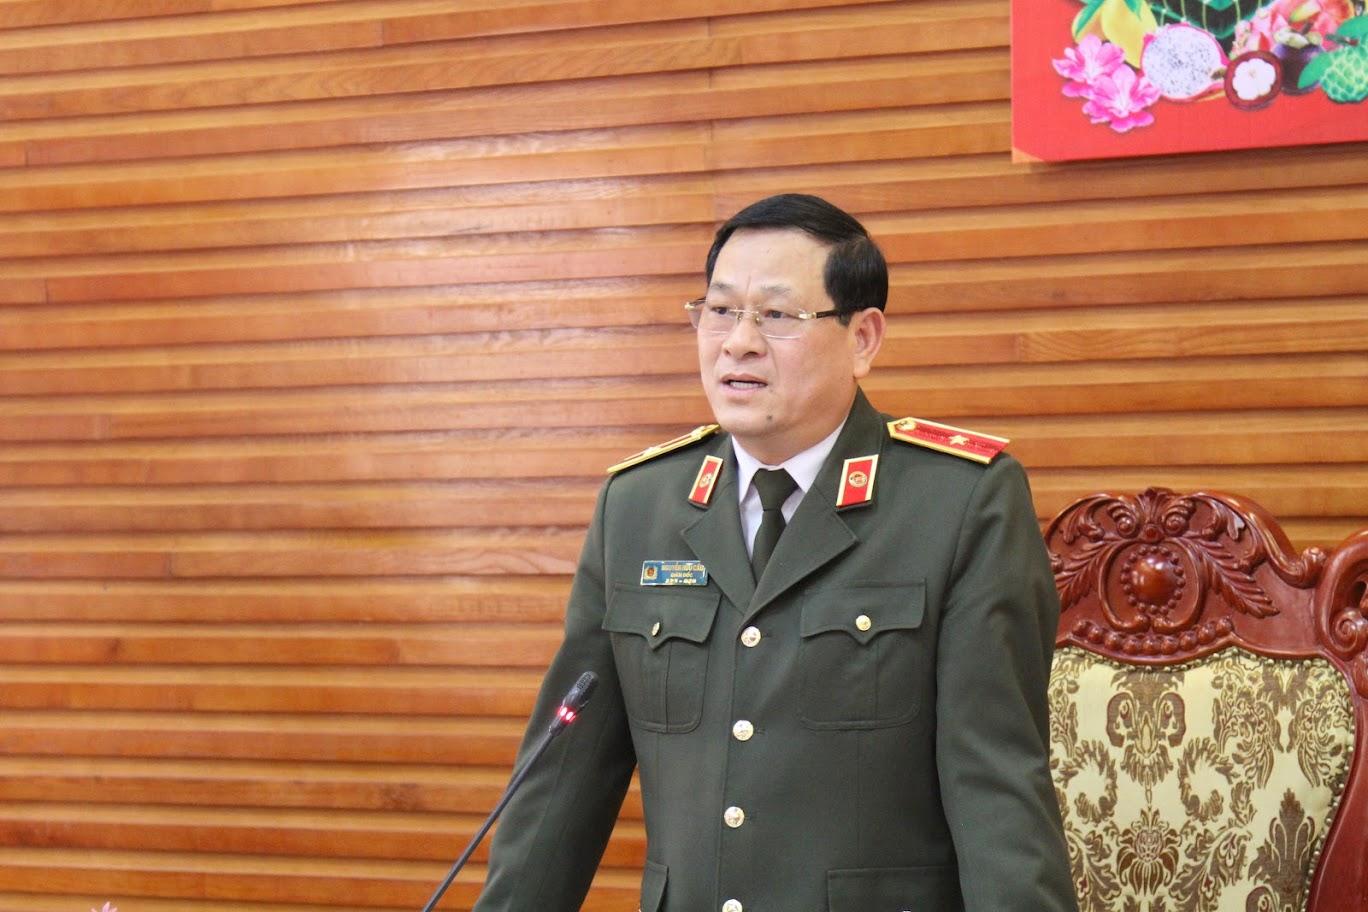 Đồng chí Thiếu tướng Nguyễn Hữu Cầu – Bí thư Đảng uỷ, Giám đốc Công an tỉnh chủ trì buổi gặp mặt.